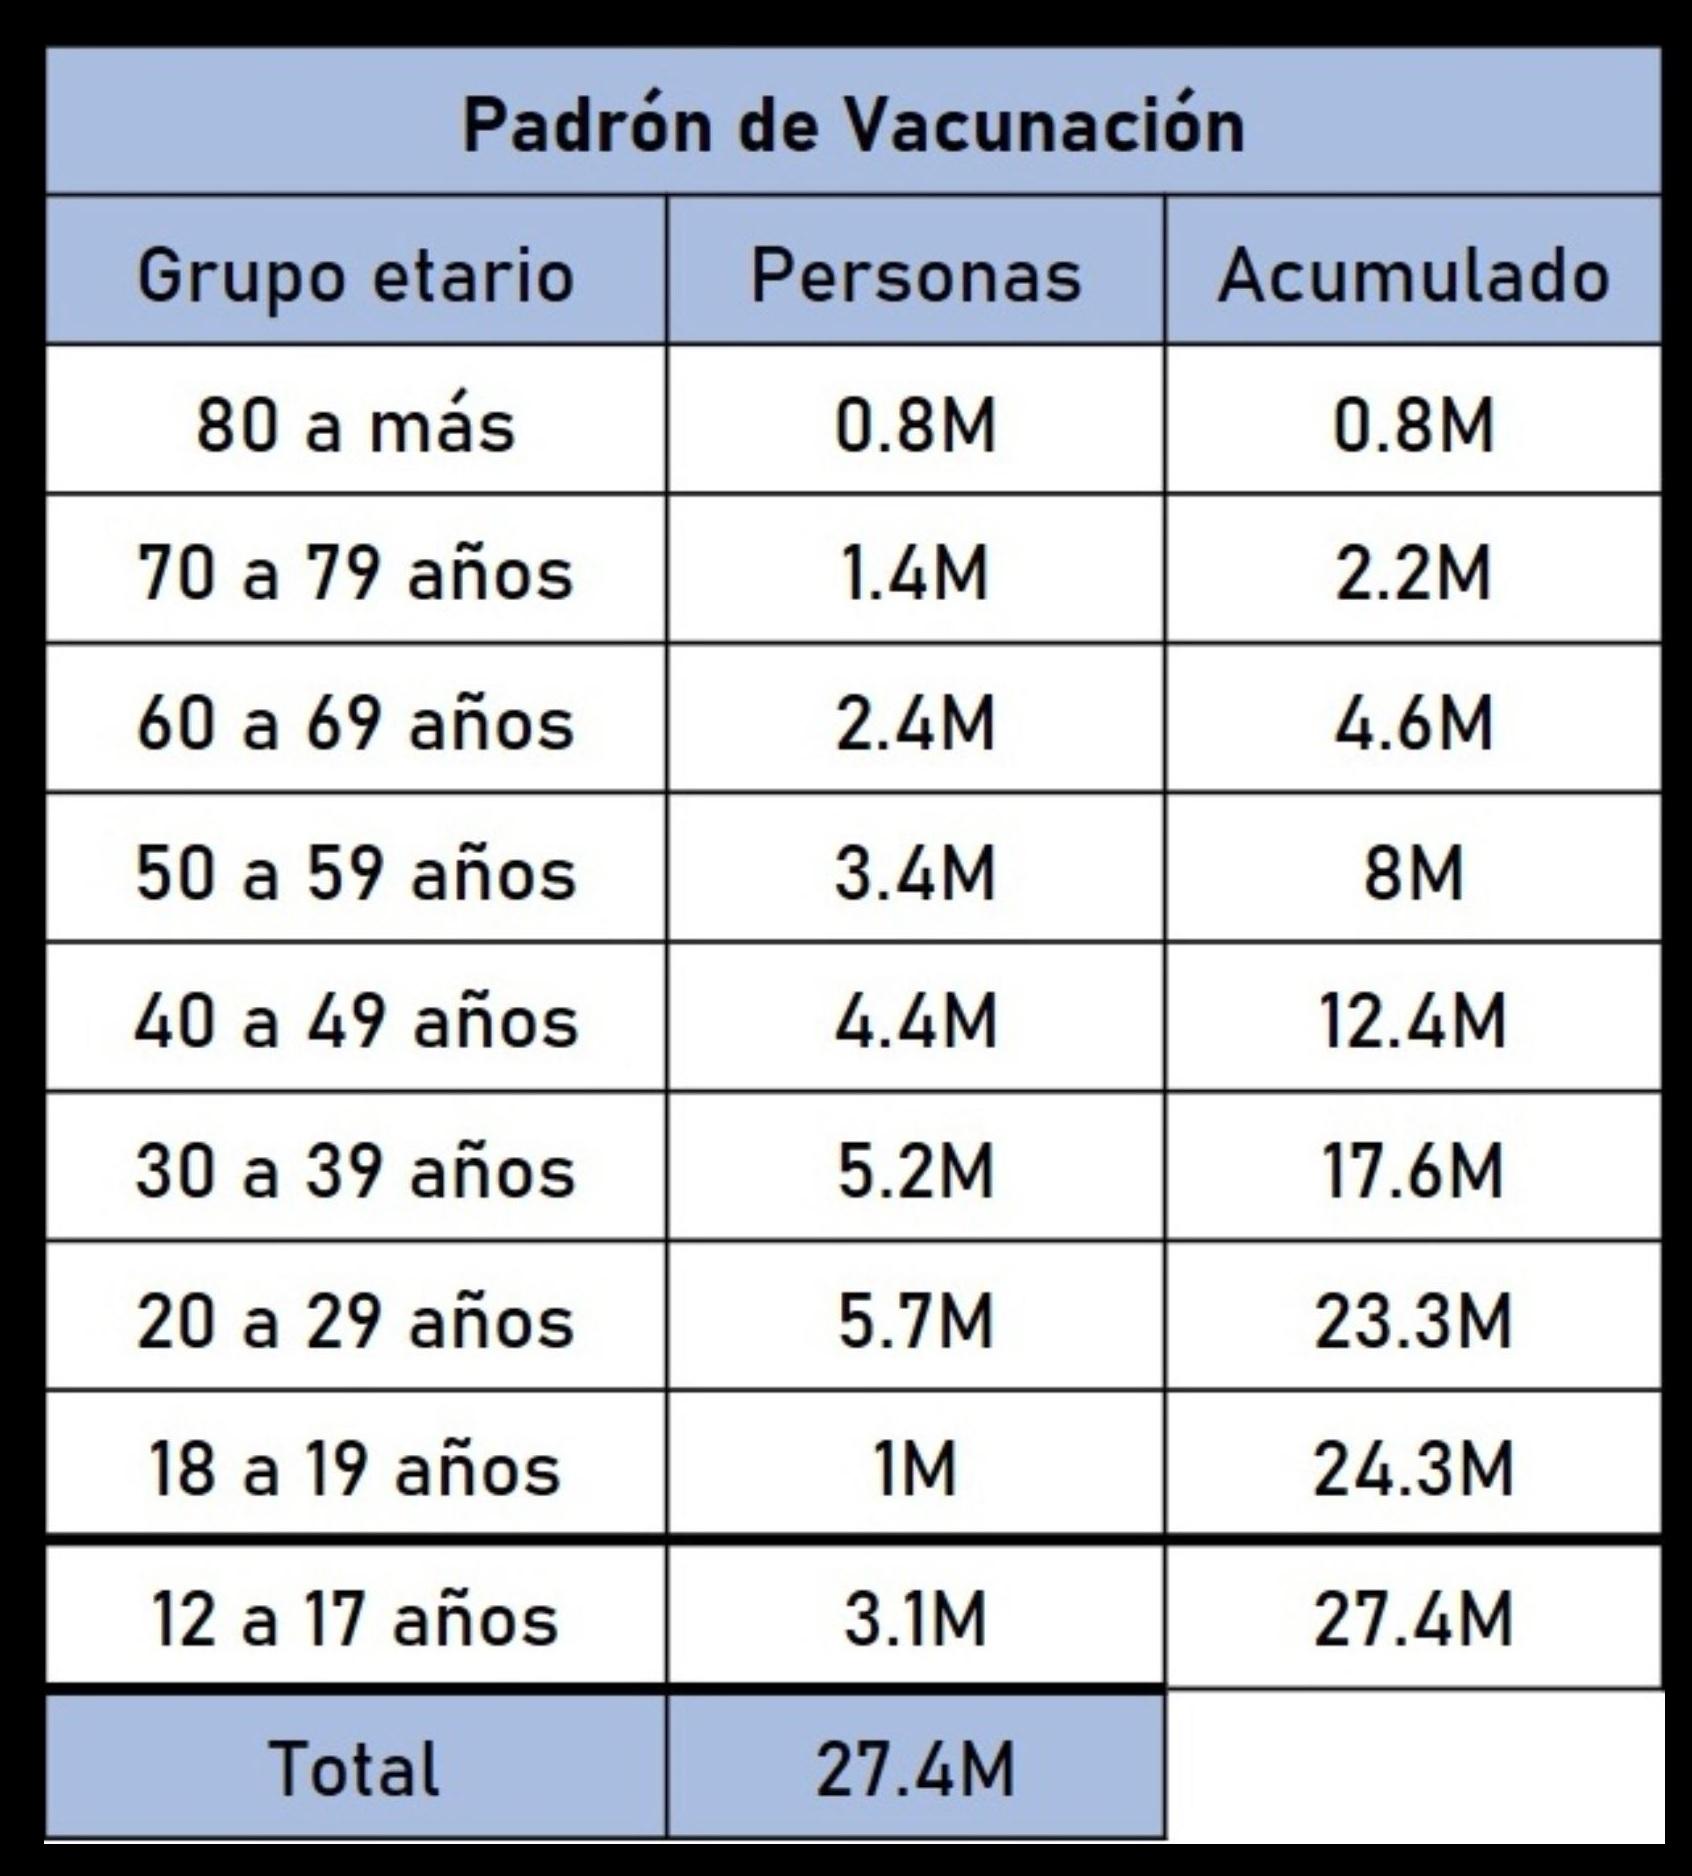 Padrón de vacunación